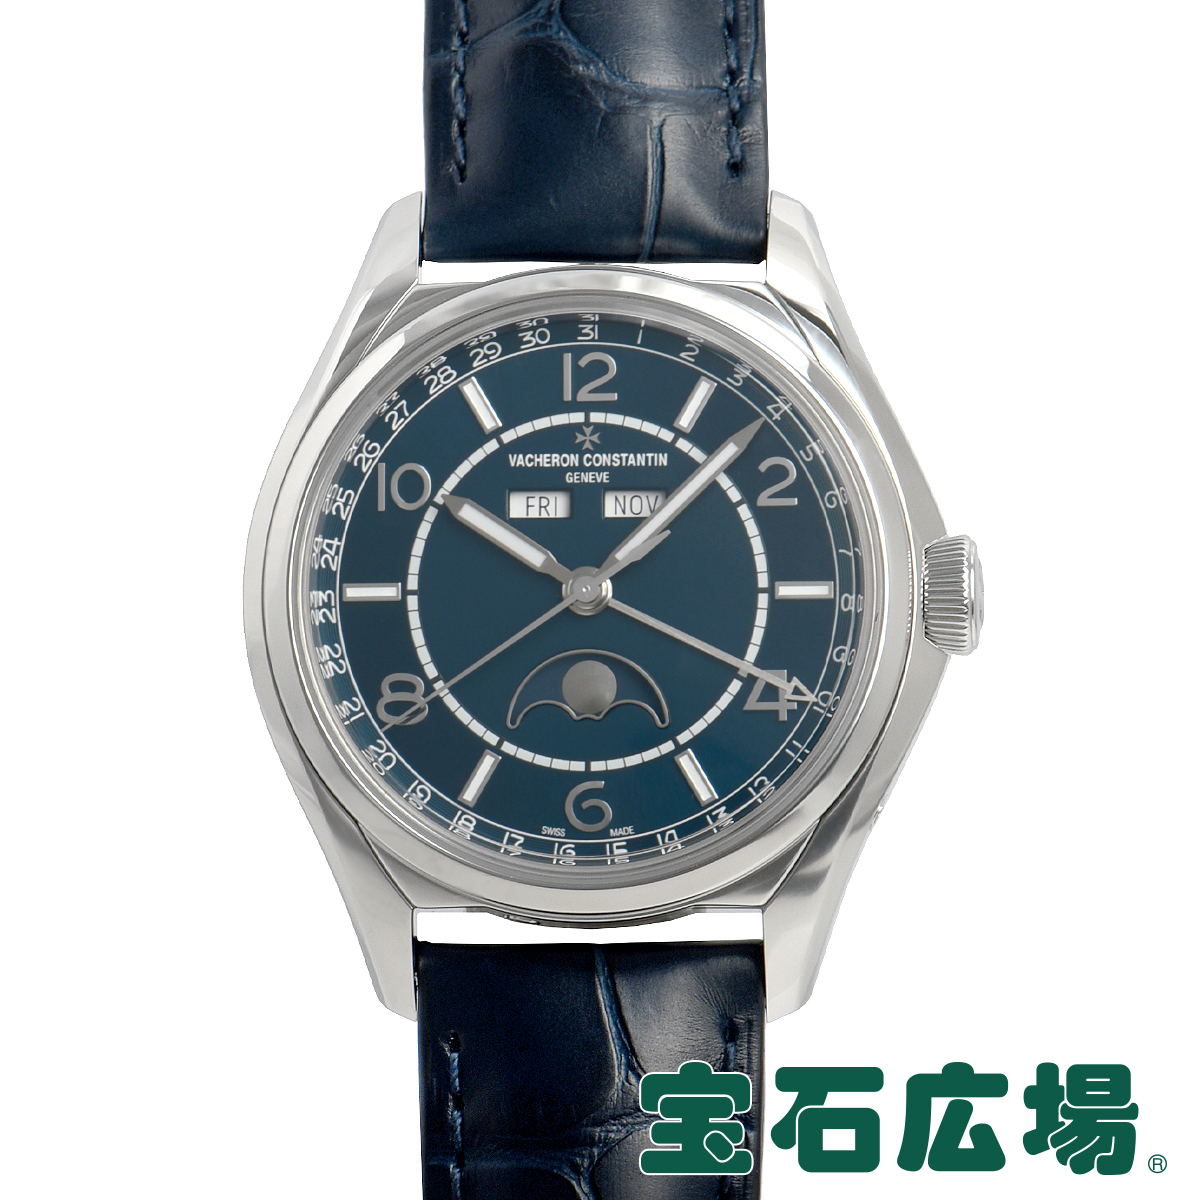 ヴァシュロンコンスタンタン VACHERON CONSTANTIN フィフティシックス コンプリートカレンダー 4000E/000A-B548【新品】メンズ 腕時計 送料無料